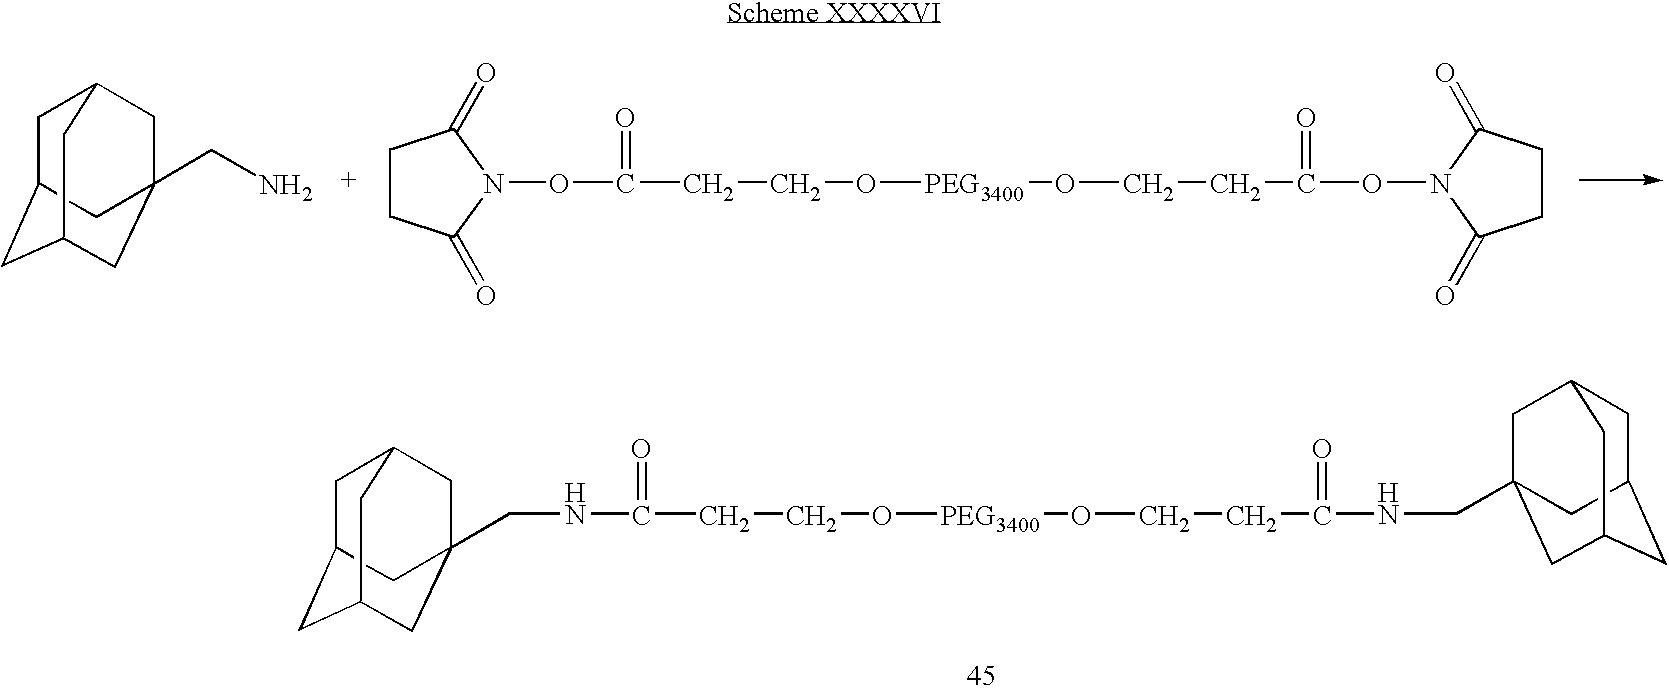 Figure US08110179-20120207-C00071